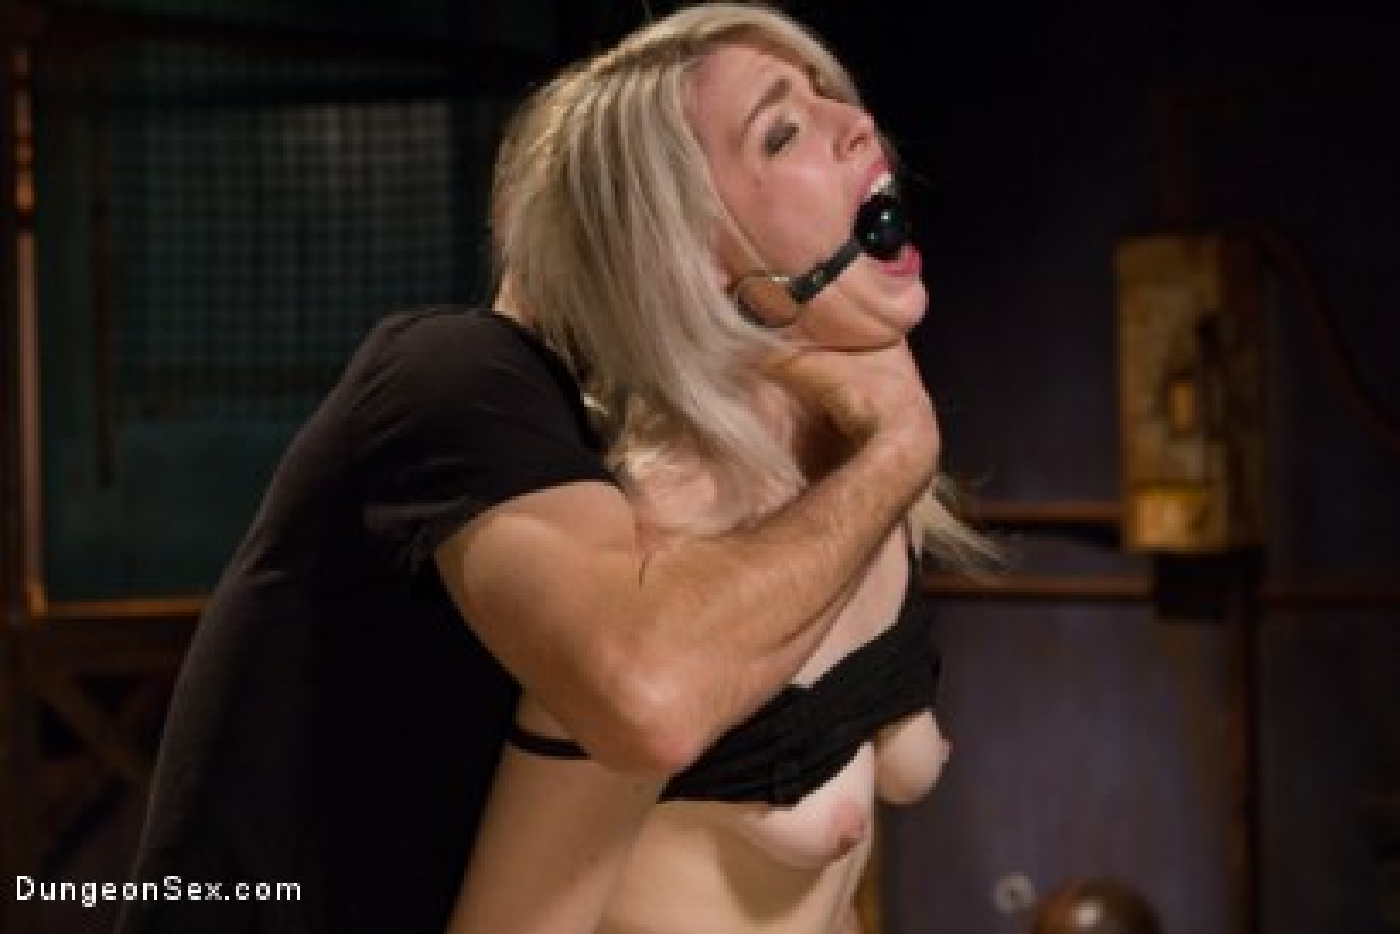 Heidi hawking big boobs